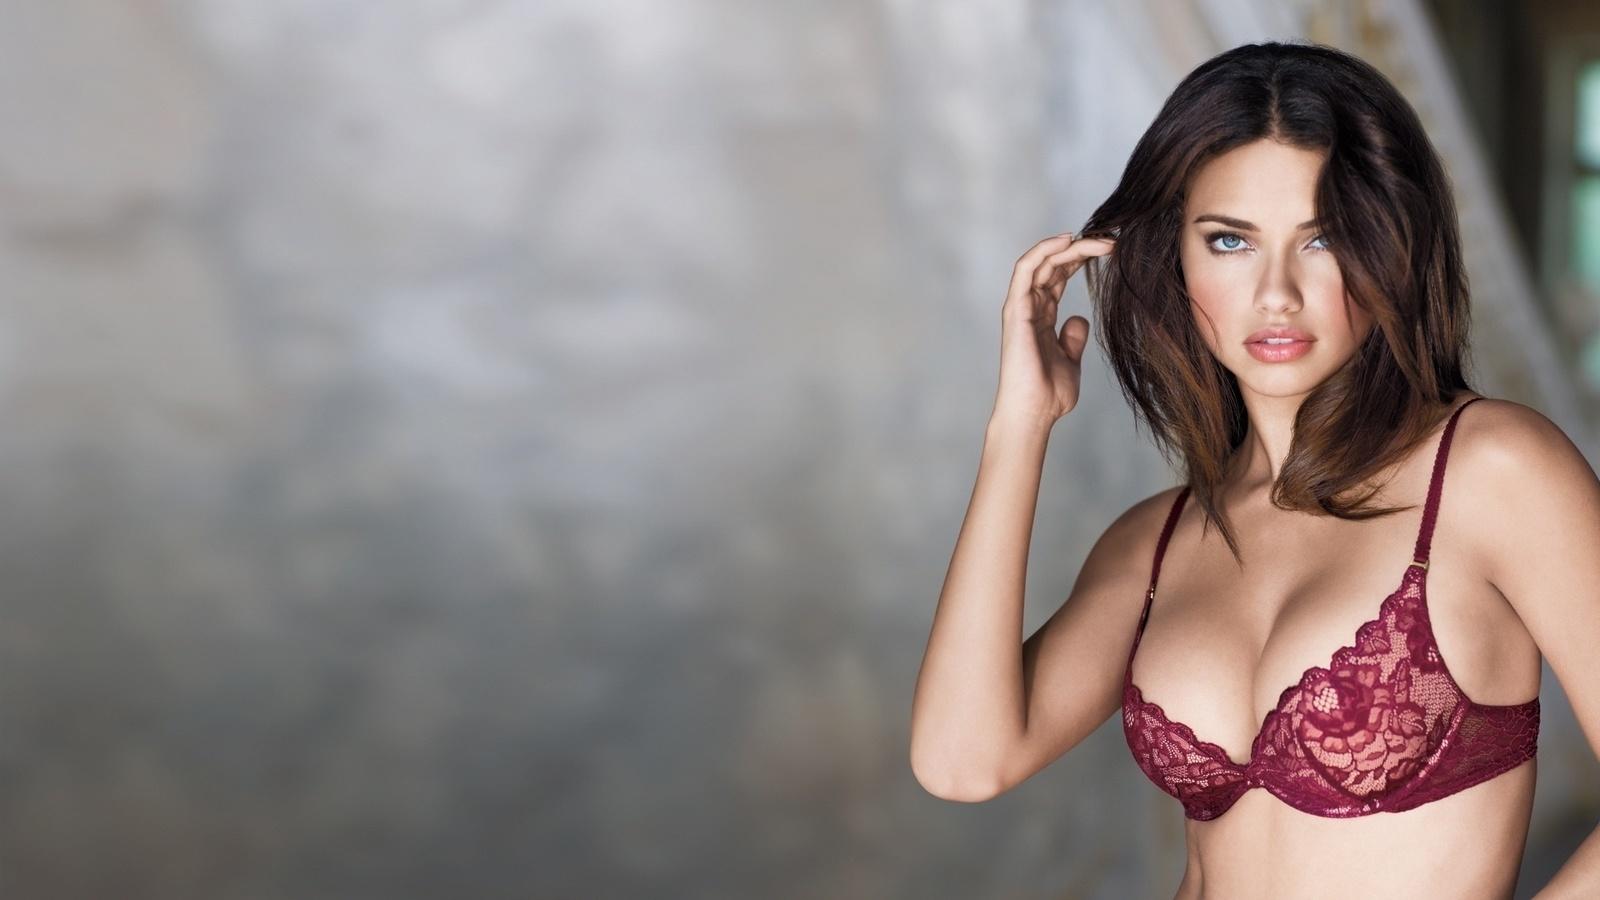 Масле видео моделей в бюстгальтере порно зрелые